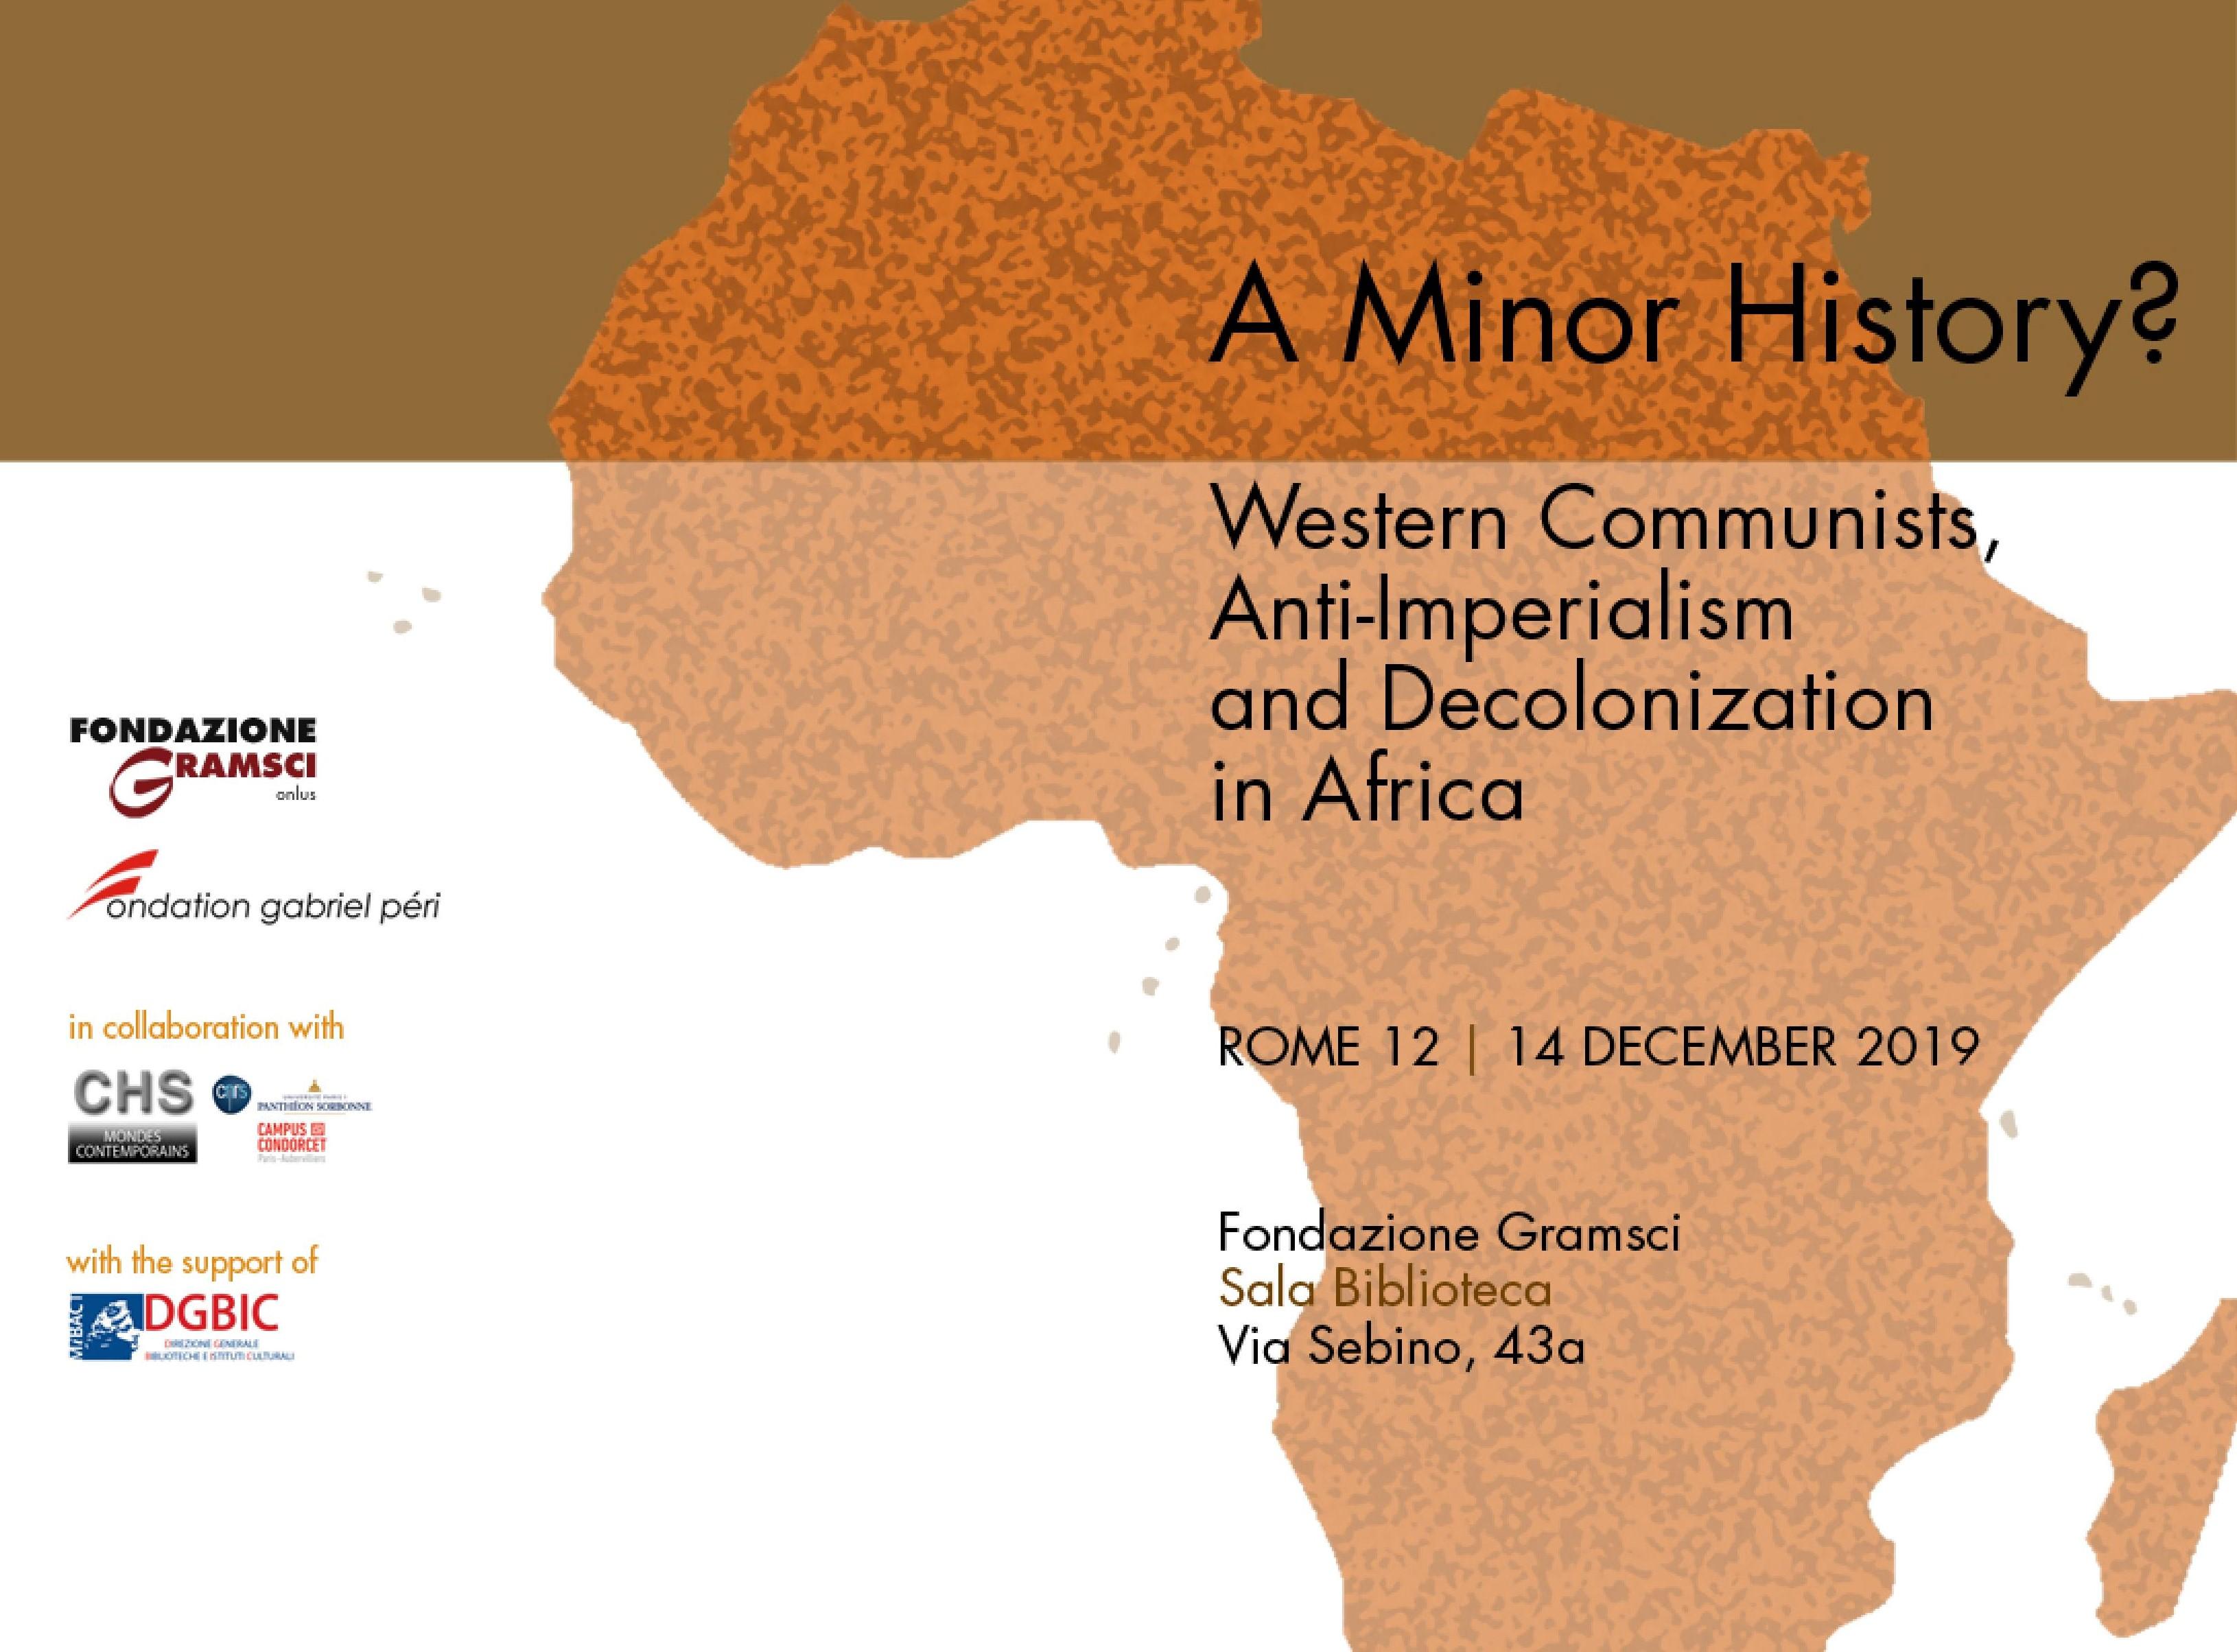 Colloque : Une histoire mineure ? Les communistes occidentaux, l'anti-impérialisme et la décolonisation africaine. 12-14 déc.